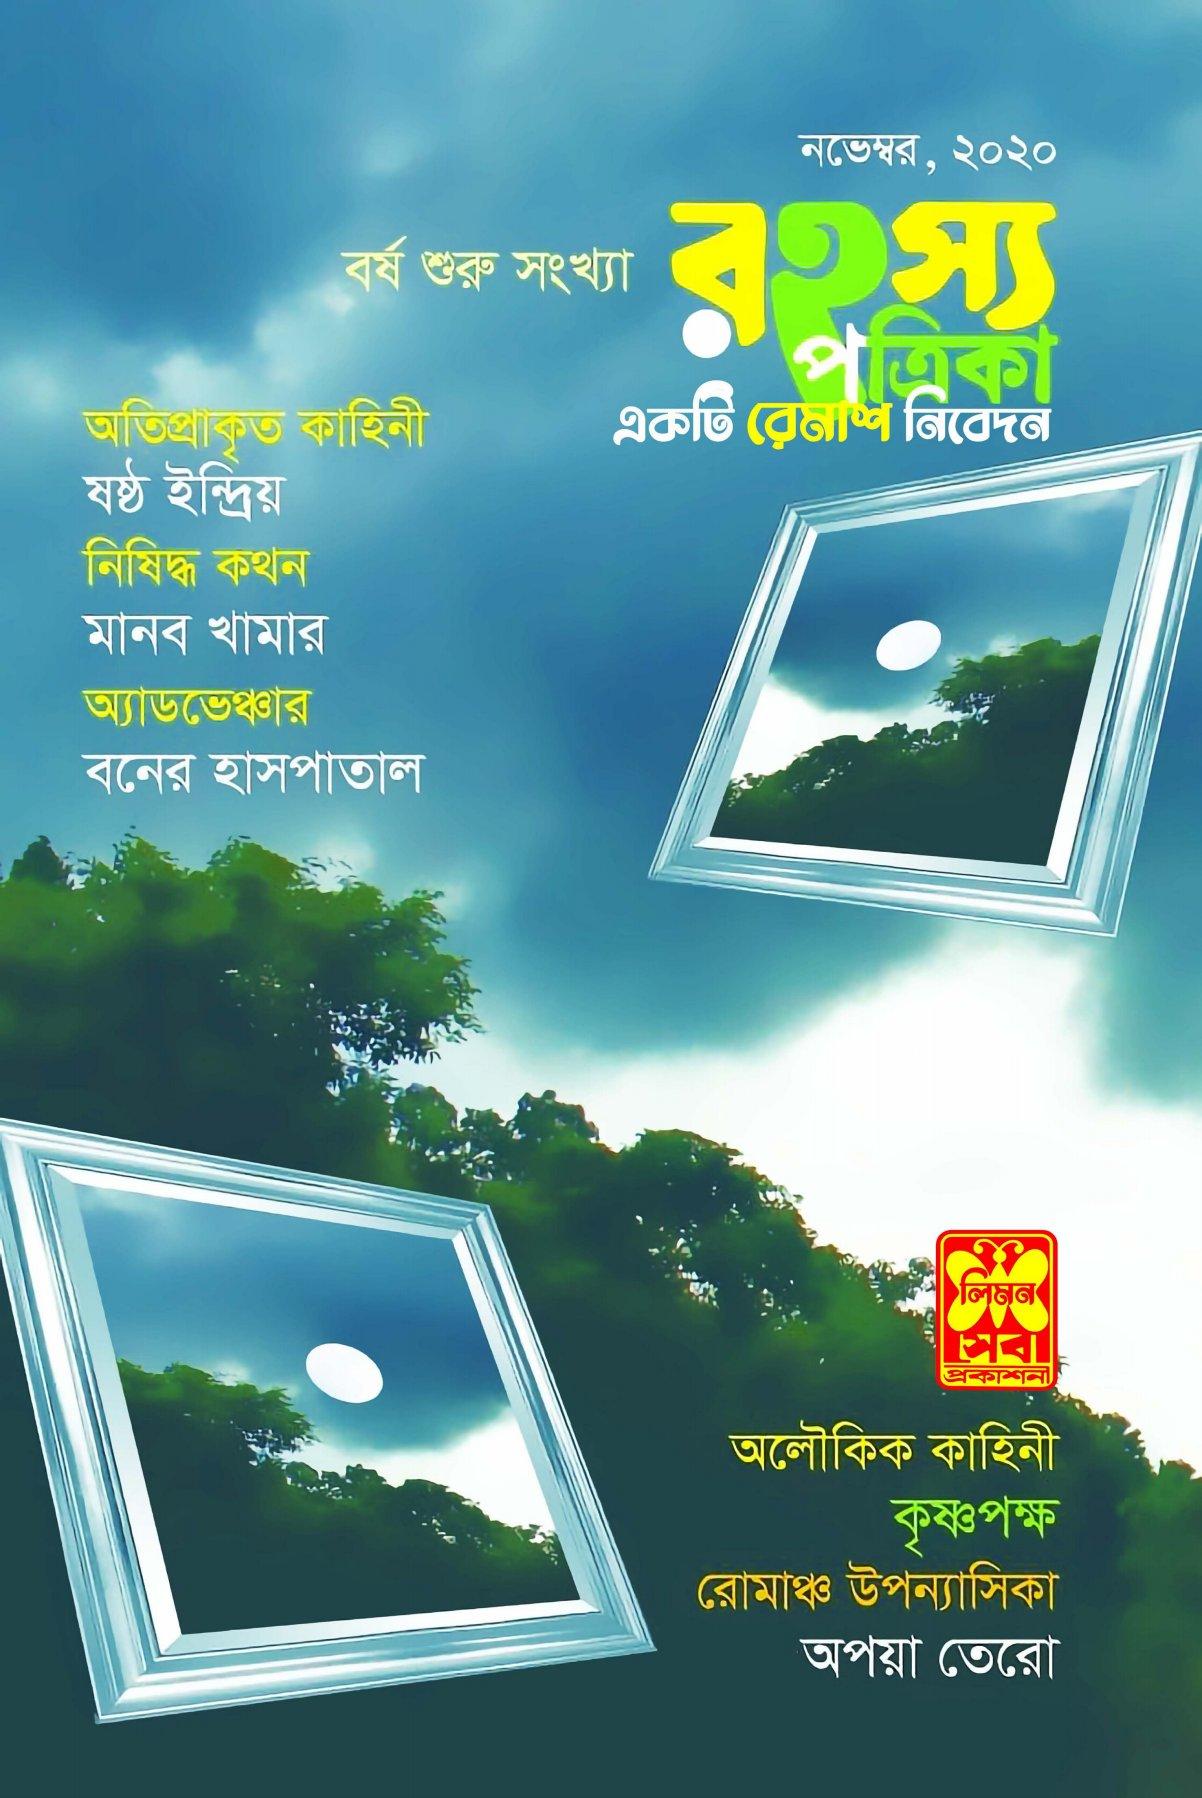 রহস্য পত্রিকা নভেম্বর ২০২০ |  Rahasya Patrika November 2020 Pdf Download